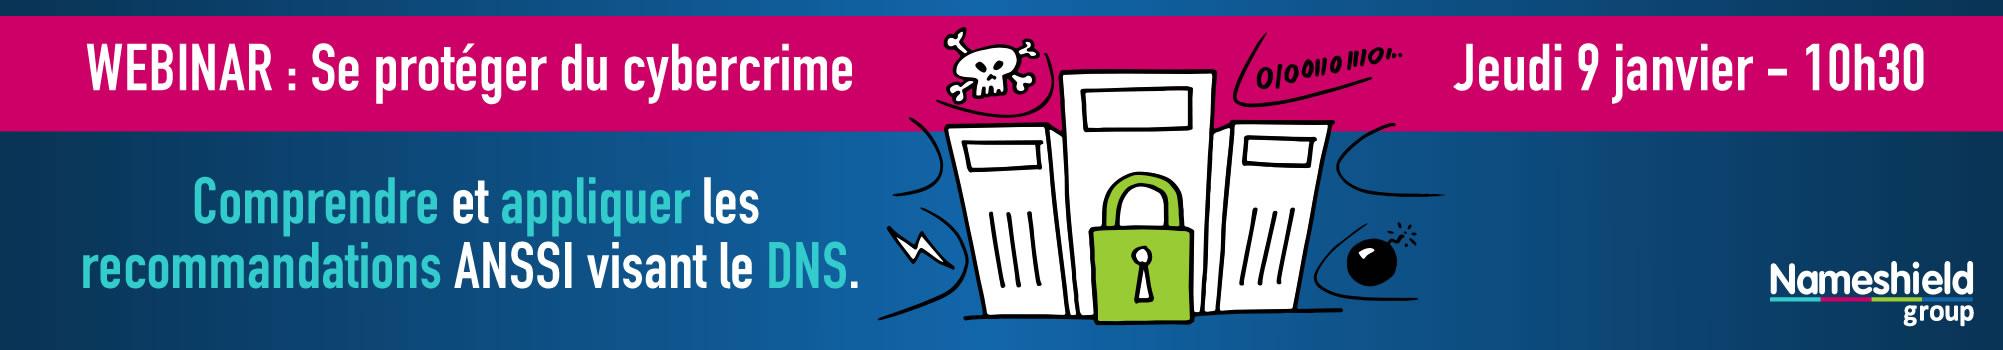 Se protéger du cybercrime : comprendre et appliquer les recommandations ANSSI visant le DNS